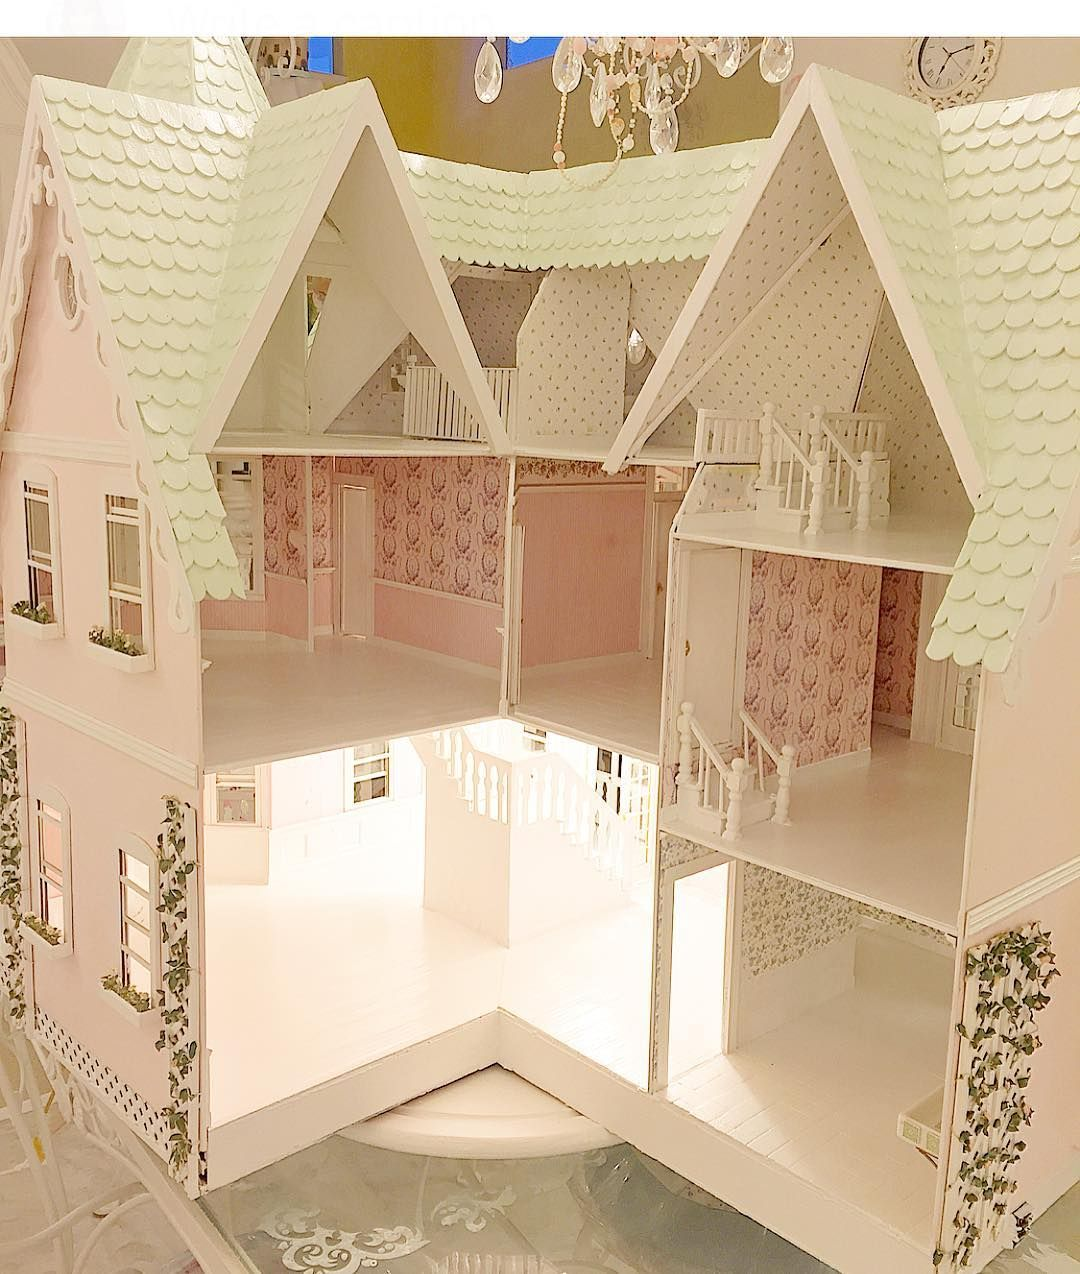 #miniaturedollhouse